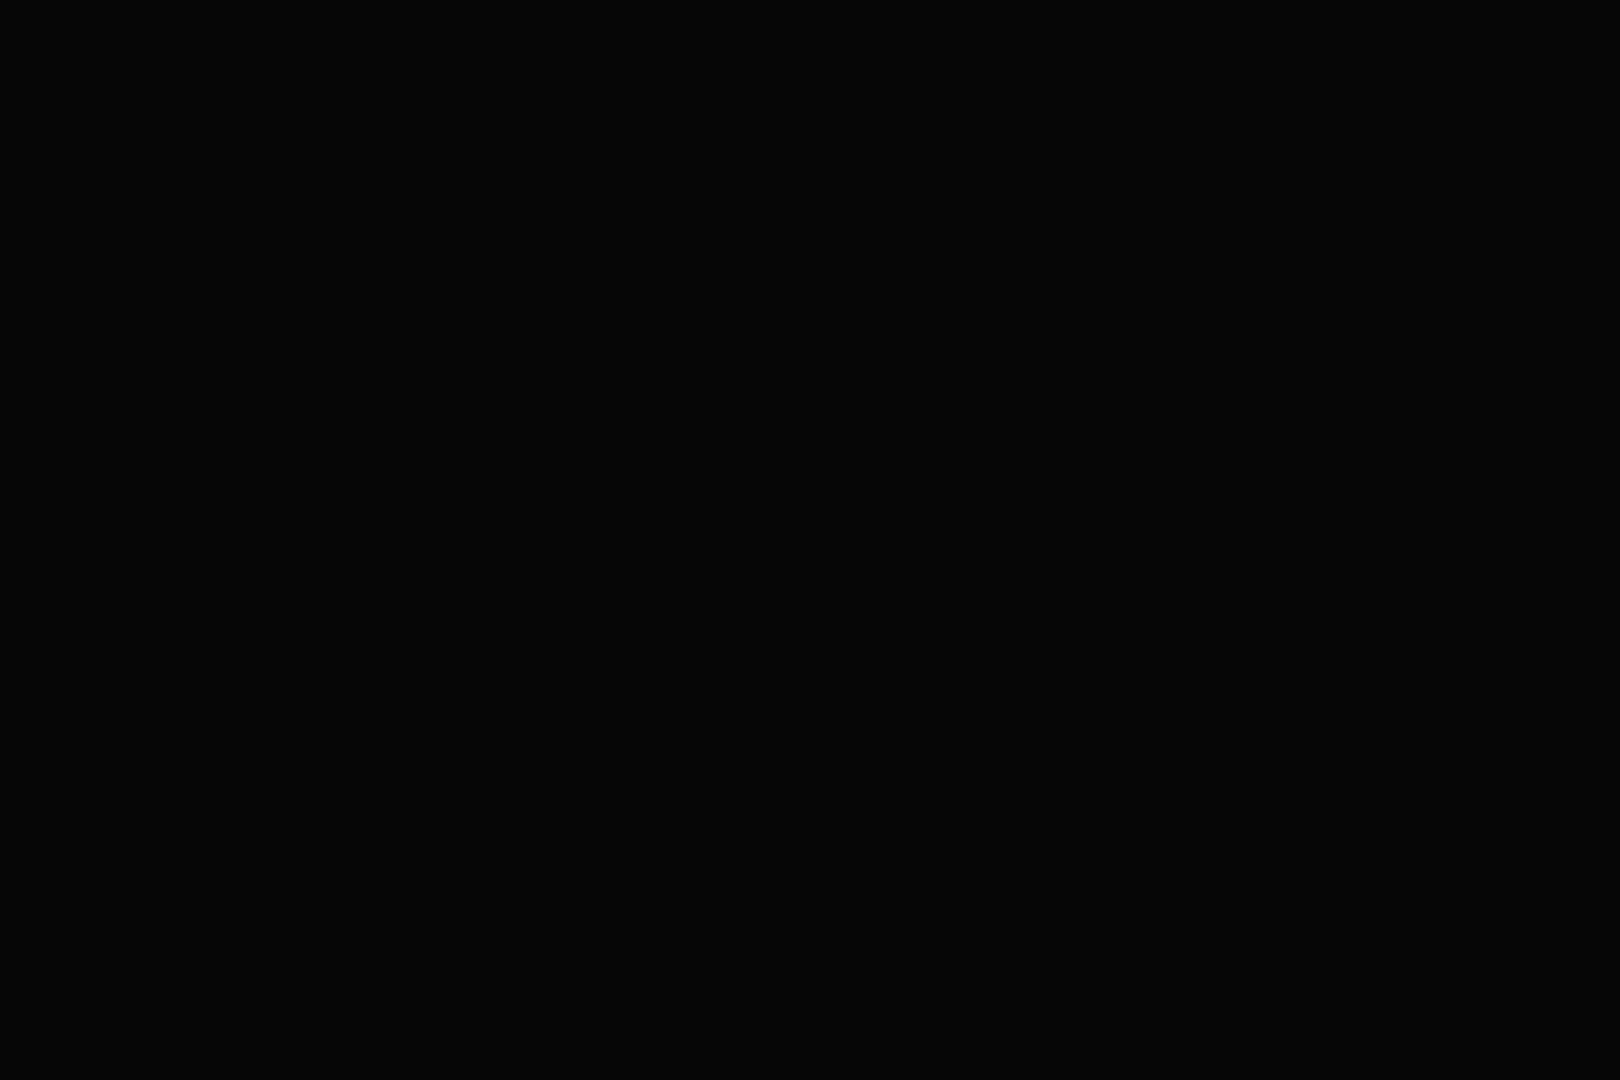 充血監督の深夜の運動会Vol.157 OLセックス   車  109画像 51